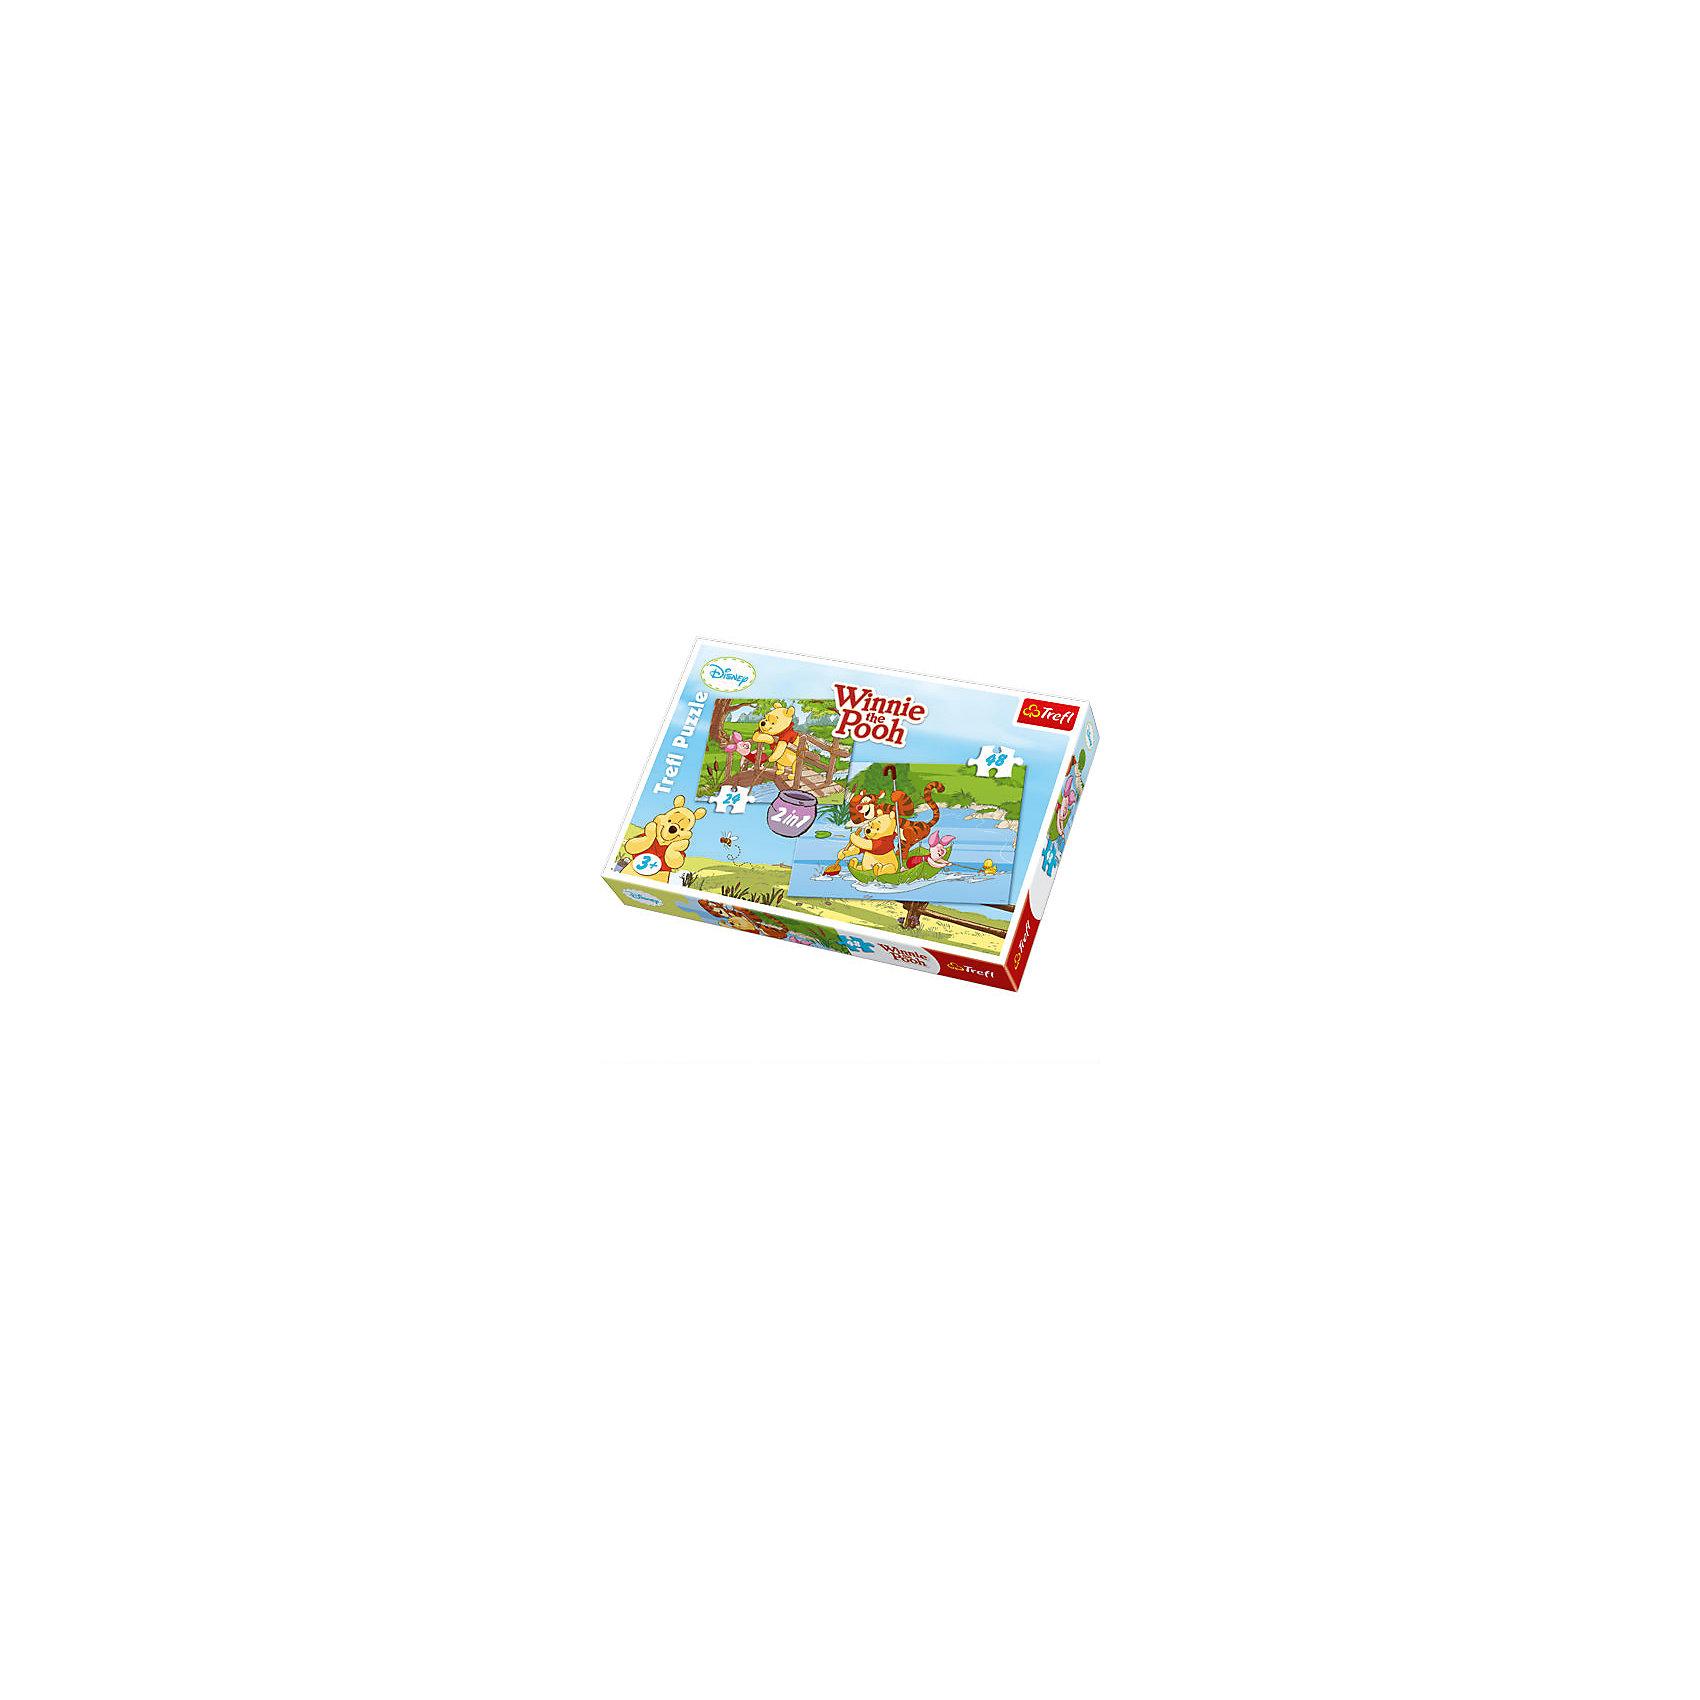 Набор пазлов Играем в воде, 24*48 деталей, TreflПазлы для малышей<br>Набор 2 в 1 Играем в воде – это две прекрасных мозаики с изображением Винни-Пуха и его друзей Пятачка и Тигру, которые будут приятным занятием для ребенка. Ведь все малыши любят мультсериалы Дисней! В этом наборе вы найдете два пазла: на 24 и на 48 элементов. <br>Игрушка изготовлена польским брендом Trefl из экологически чистых материалов. Специальная бумага, из которой сделаны пазлы, исключает отражение света. Таким образом, мозаики можно собирать при любом освещении.<br><br>Дополнительная информация:<br><br>Размеры собранных картинок:<br>- 22,7 x 16,7 см. <br>- 33 x 22 см. <br><br>Набор пазлов Играем в воде, 24*48 деталей, Trefl можно купить в нашем магазине.<br><br>Ширина мм: 193<br>Глубина мм: 288<br>Высота мм: 41<br>Вес г: 330<br>Возраст от месяцев: 36<br>Возраст до месяцев: 96<br>Пол: Унисекс<br>Возраст: Детский<br>SKU: 4574022